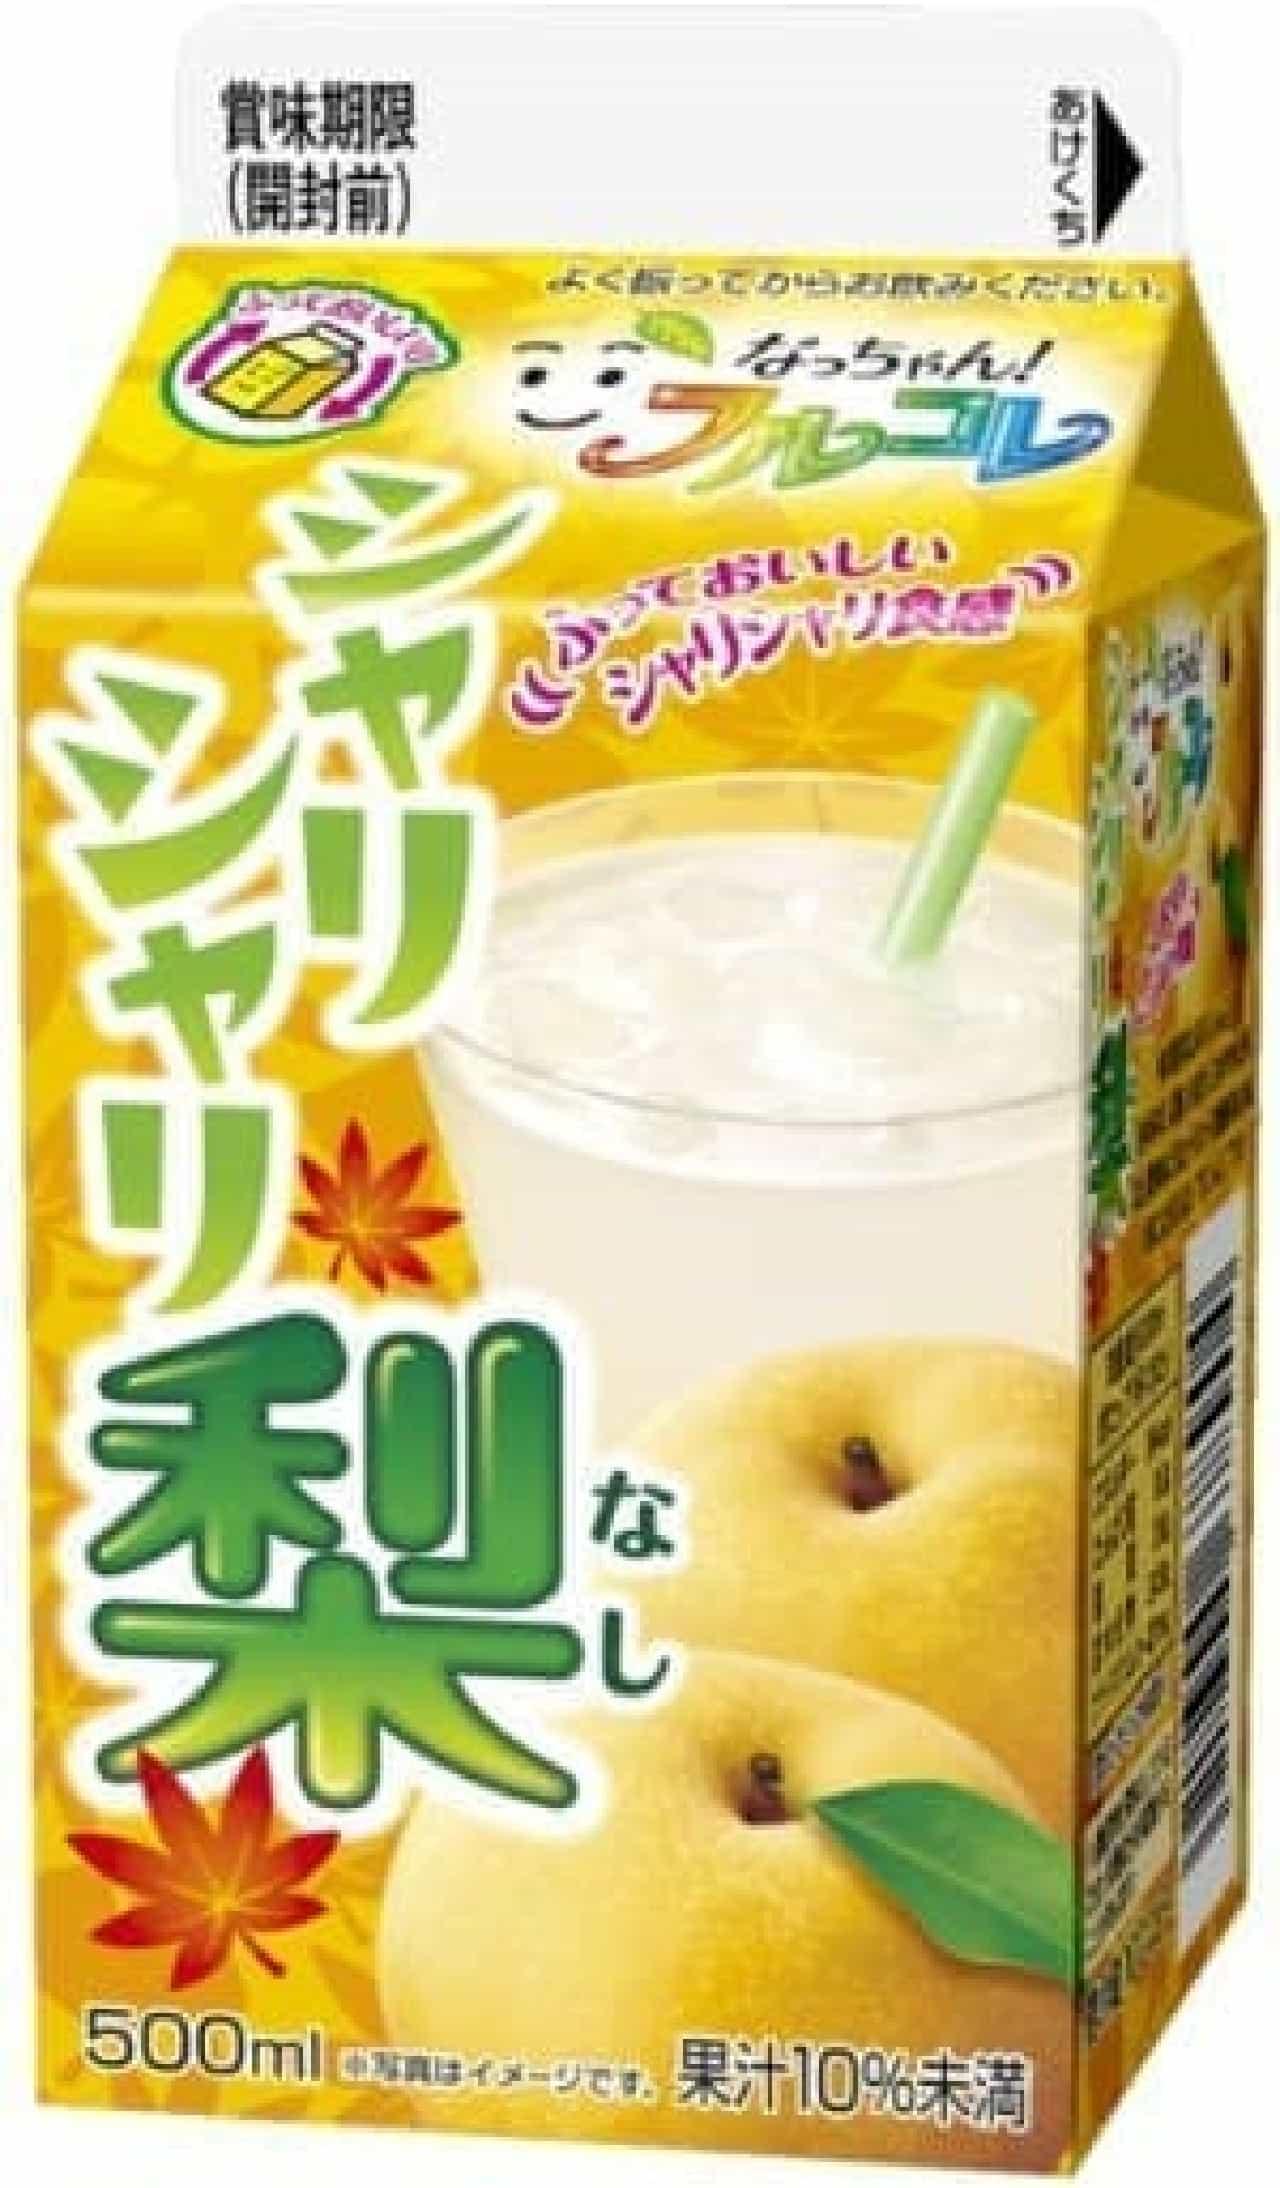 みずみずしい梨の味わいと食感を再現